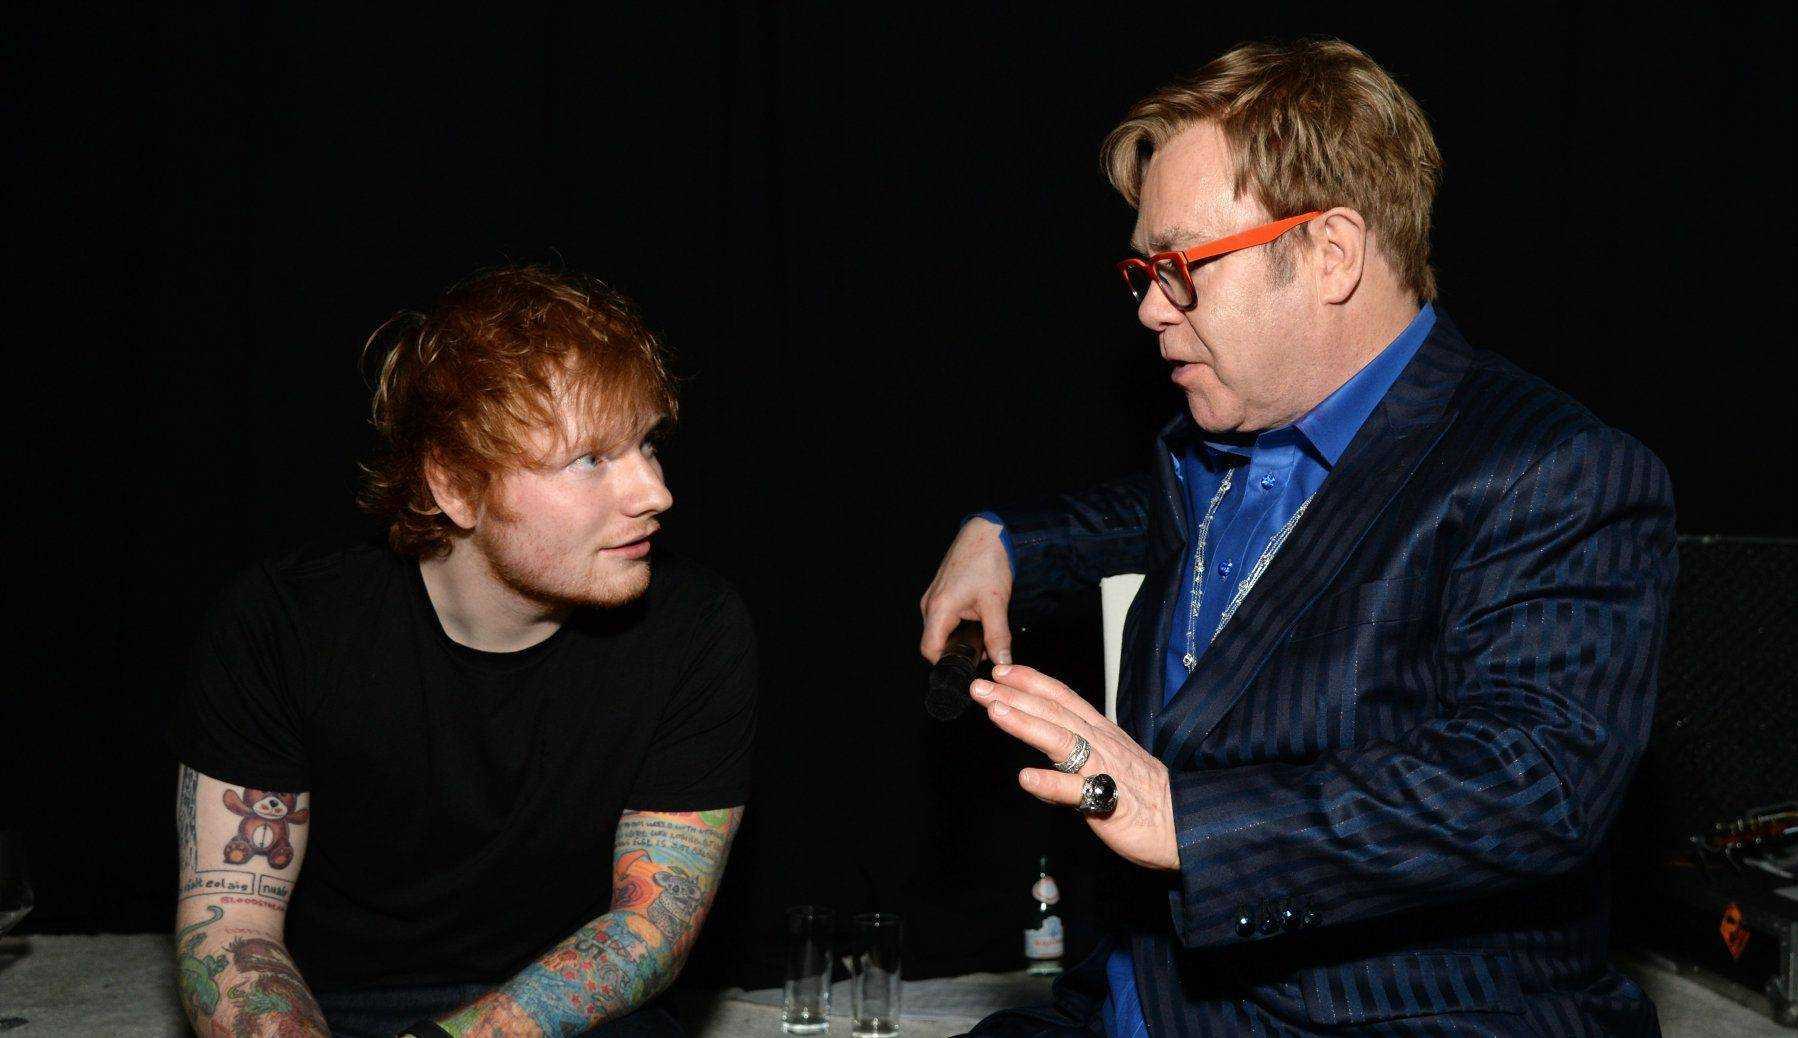 Ed Sheeran presenteia Elton John com algo inusitado